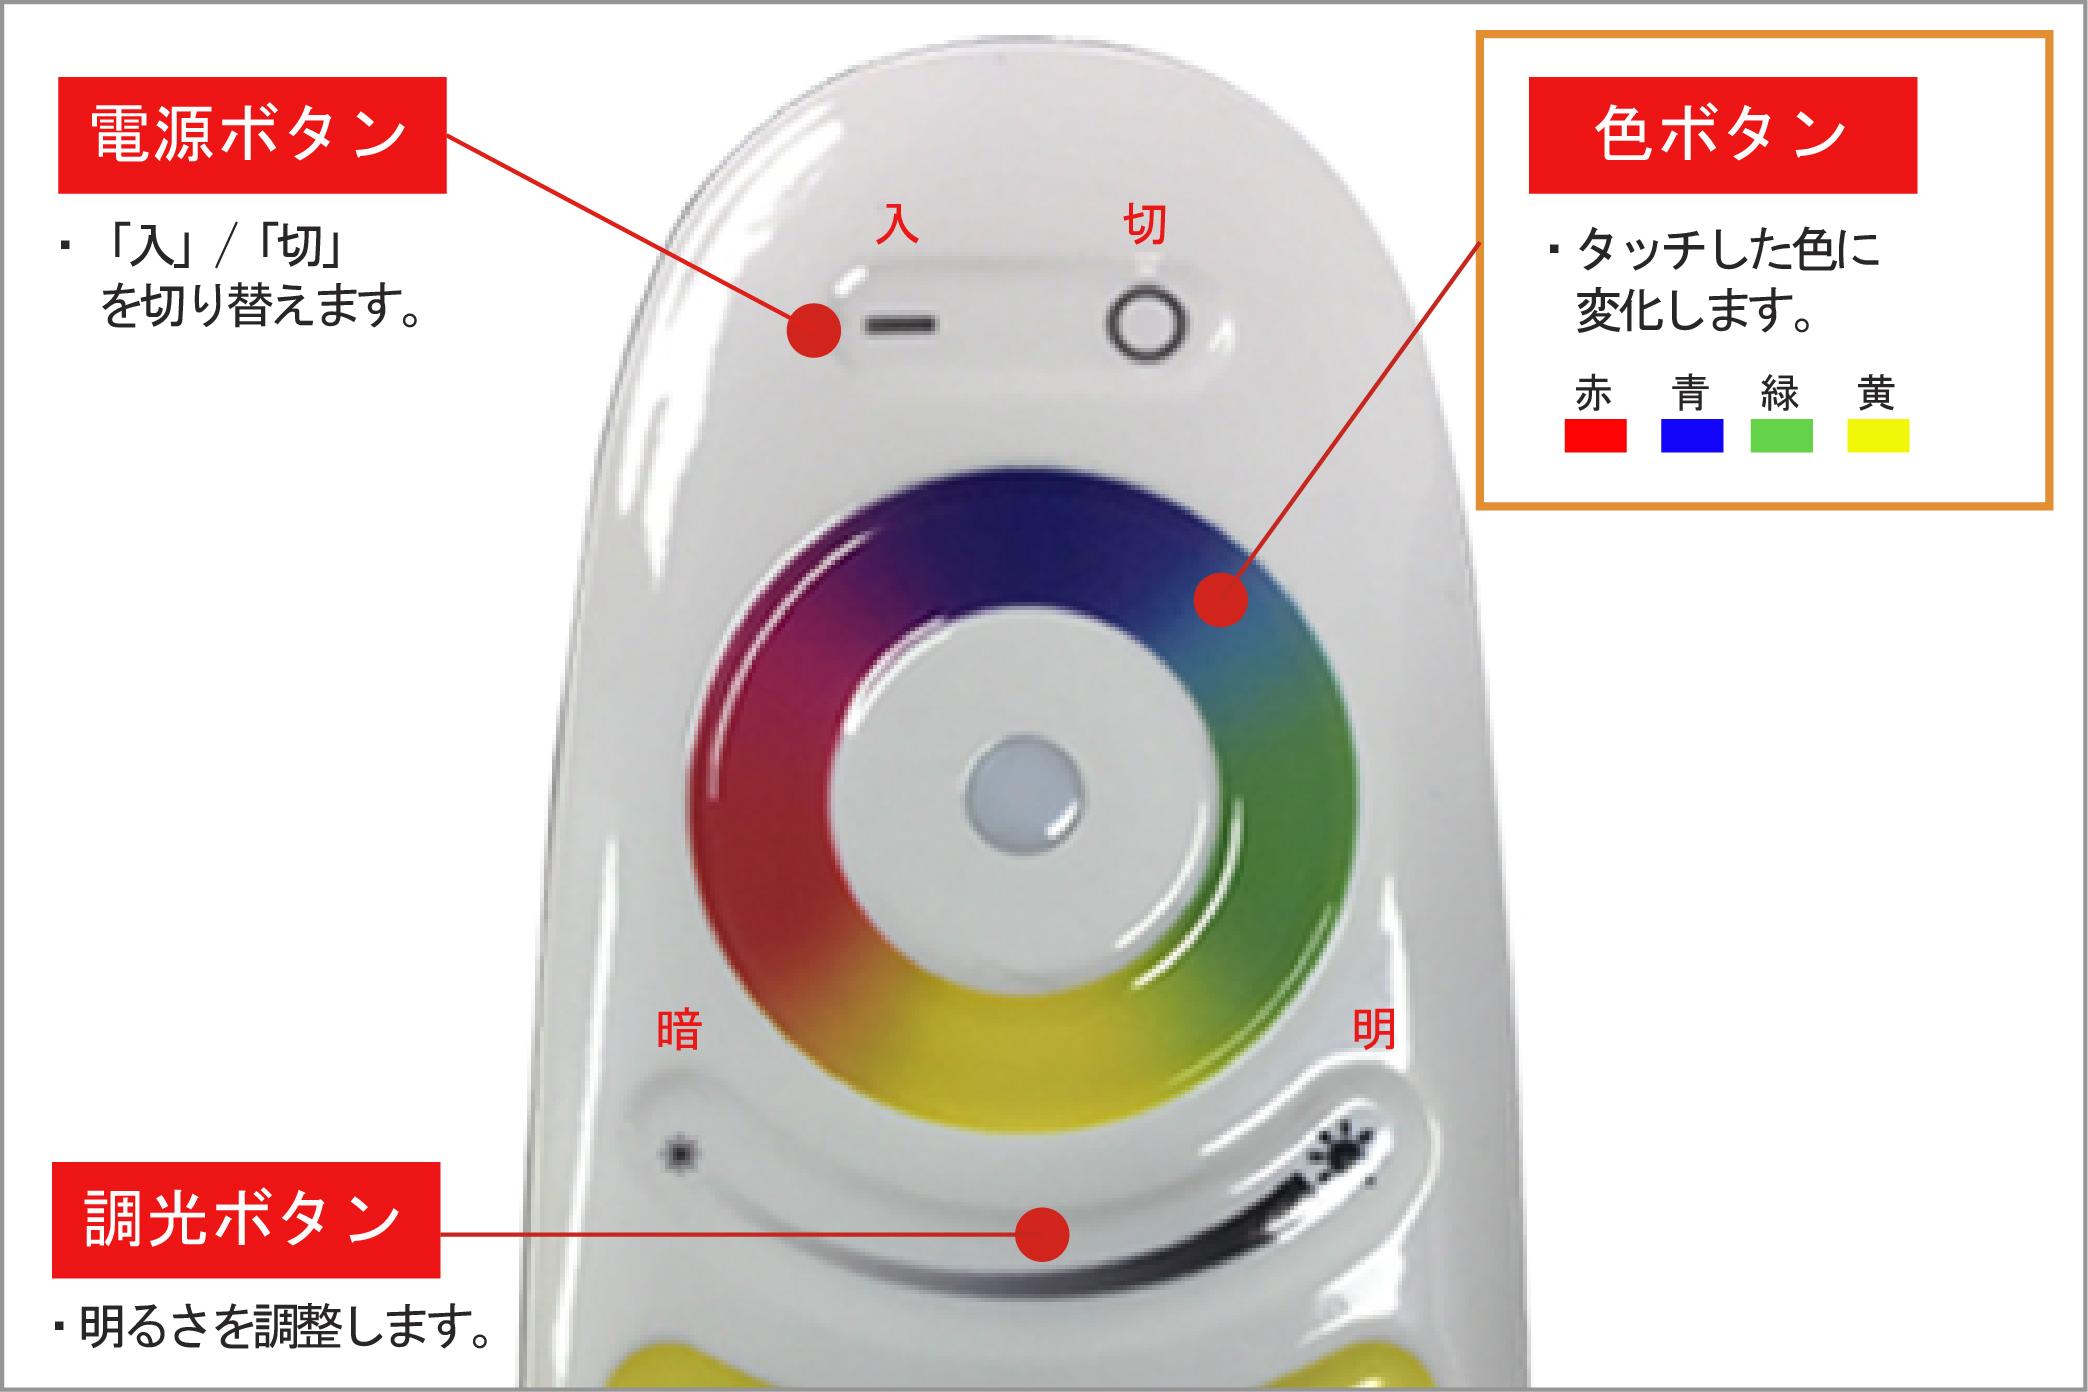 光る家具 クラシオン タッチパネルリモコン 性能2